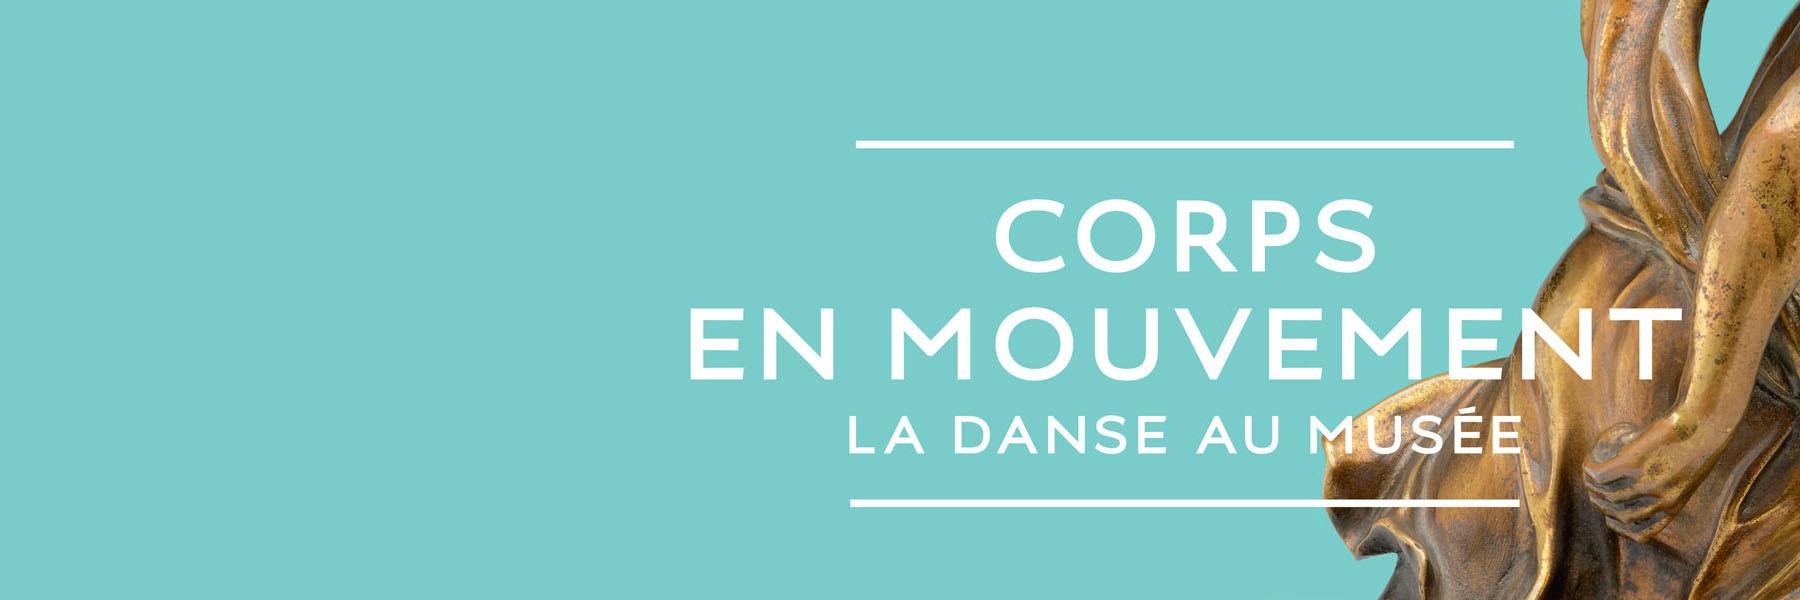 """Affiche de l'expo """"Corps en mouvement"""""""